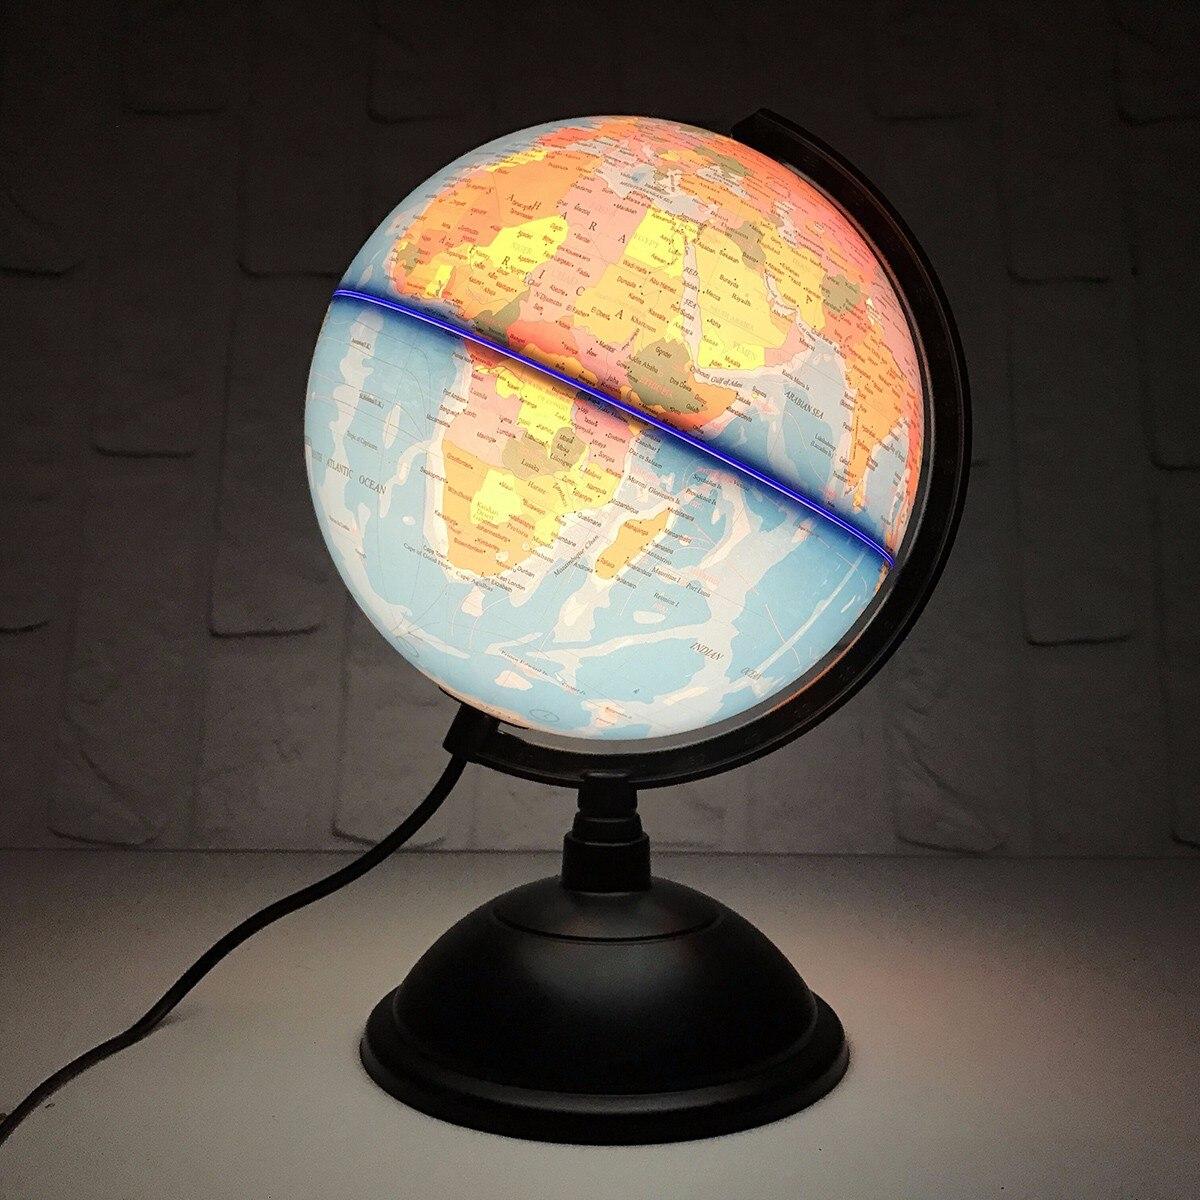 20 см светодиодный глобус земной шар теллурион английская карта вращающаяся